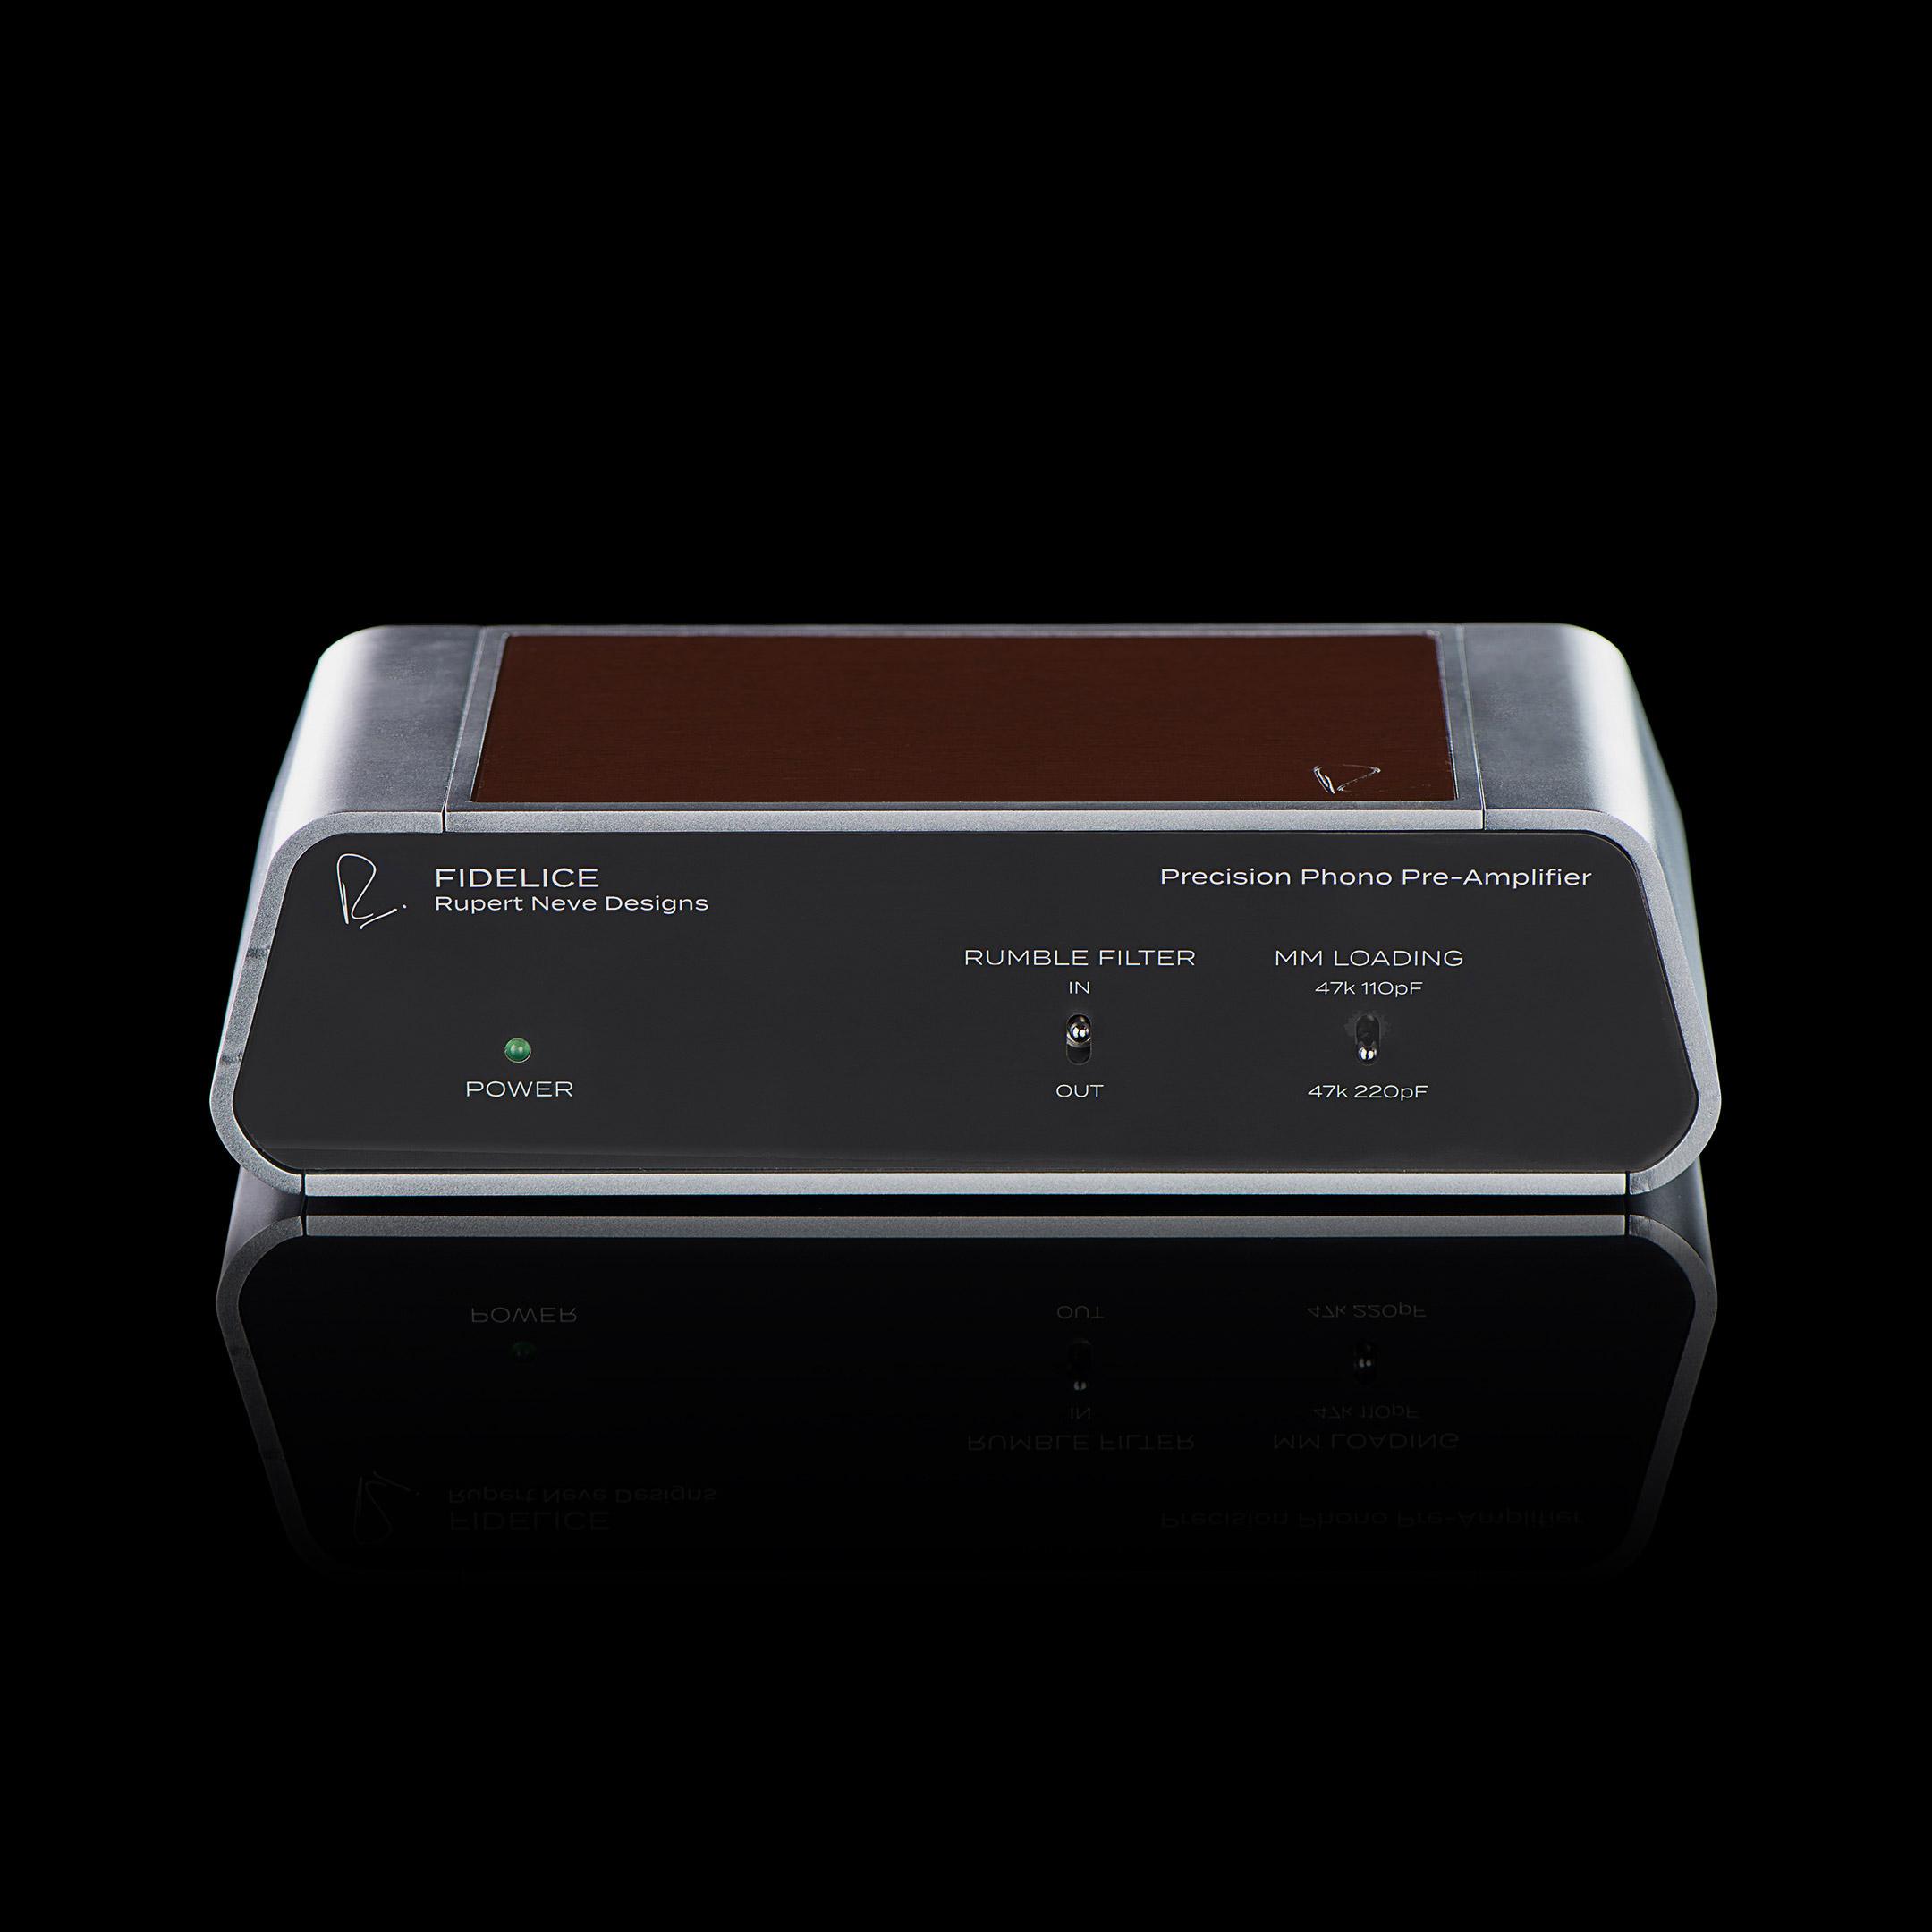 The Precision Phono Pre-Amplifier